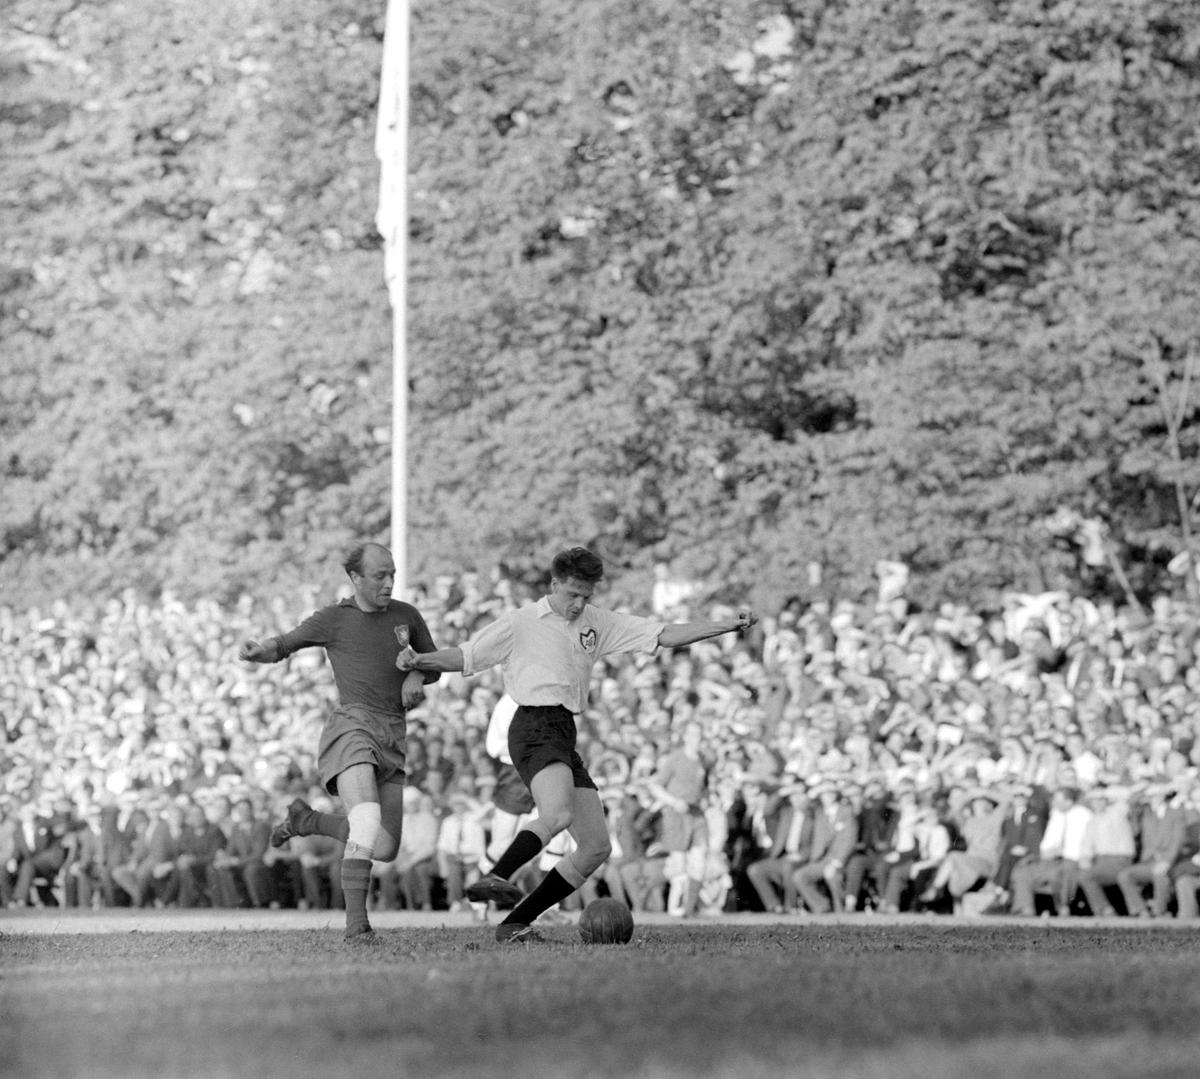 MAIFs centerhalv Lennart Hemming täcker boll för Gunnar Gren, en av svensk fotbolls allra största. Bilden är från Motala AIFs bragdartade avancemang till den svenska fotbollsallsvenskan 1957. Klubben hade visserligen vunnit Östra Götalands-serien men i kvalet stod storklubben Örgryte IS för ett respekterat hinder mot finrummet. I kvalets första kamp på Ullevi hade Motala vunnit en knapp seger och nu stundade avgörandet på Idrottsparken inför 12 863 åskådare. Efter en trevande första halvlek tog Motalalaget över handlingen mot en resultatmässigt komfortabel seger med 4-0 efter mål av Sören Nilsson på nick, två mål av Sten-Arne Lorin och ett distinkt skott från Gösta Löfgren. Allsvenskan var nådd.